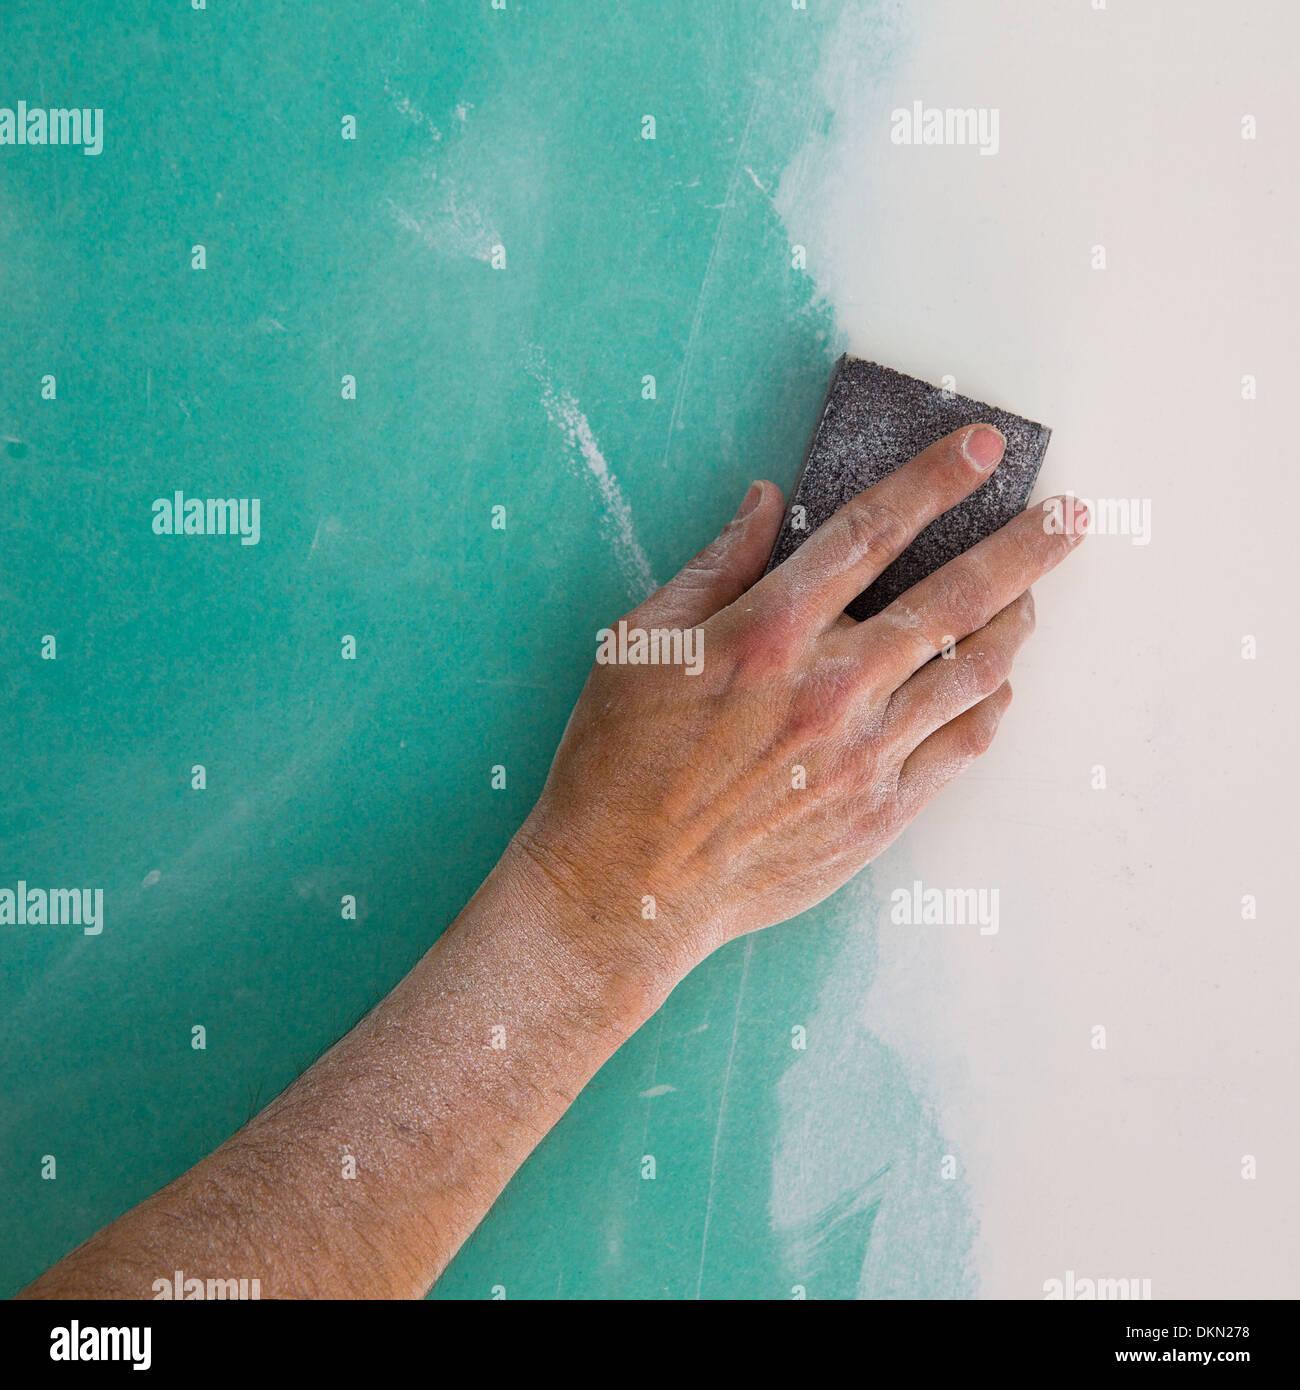 Mann Hand Schleifen Der Plaste Im Trockenbau Naht Gipskartonplatten